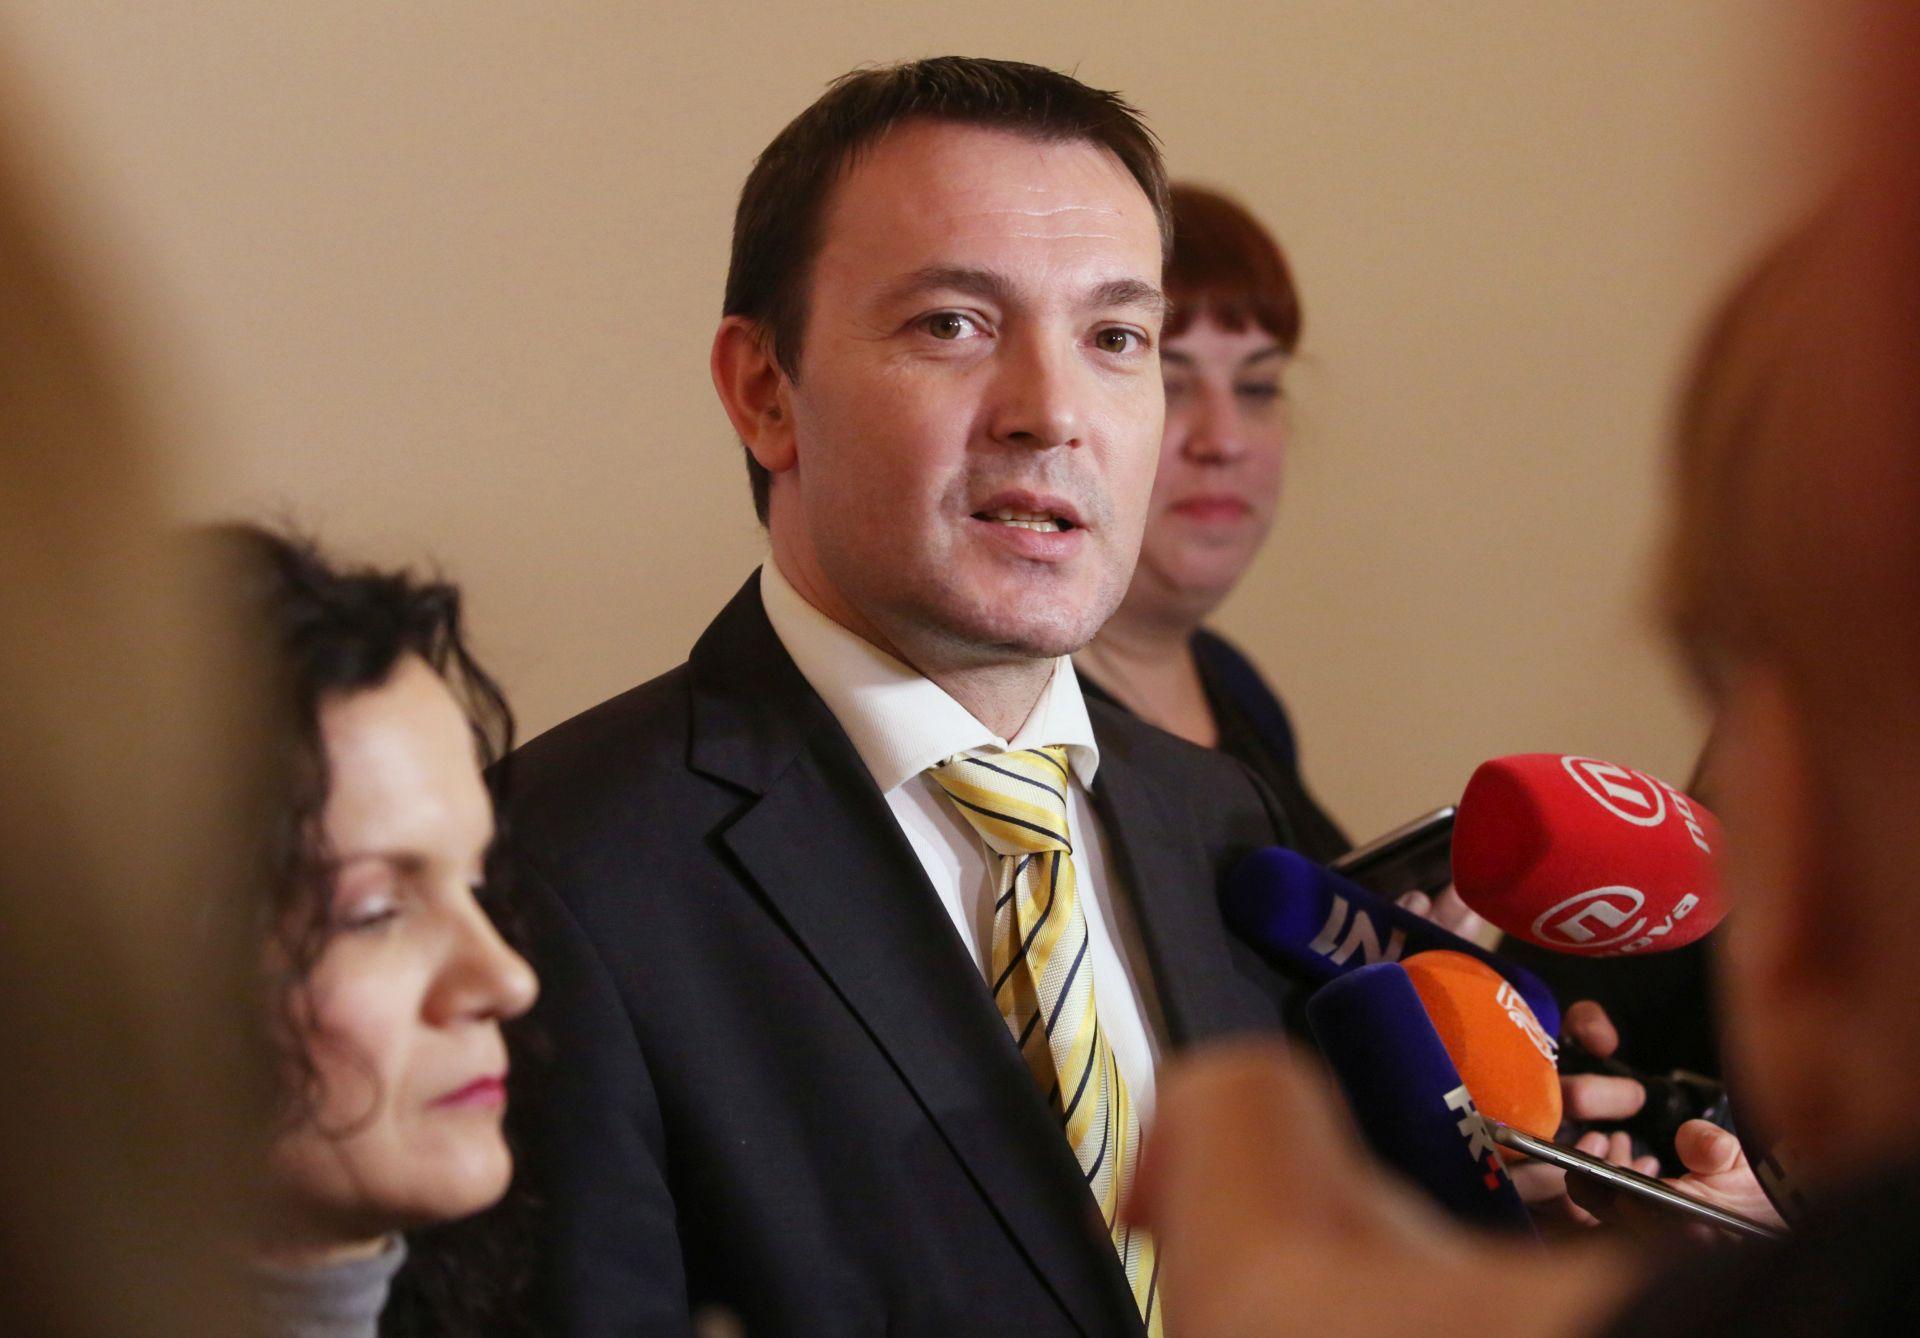 BAUK: 'Cvitan je bio uvjerljiv vezano za neovisnost državnog odvjetnika'